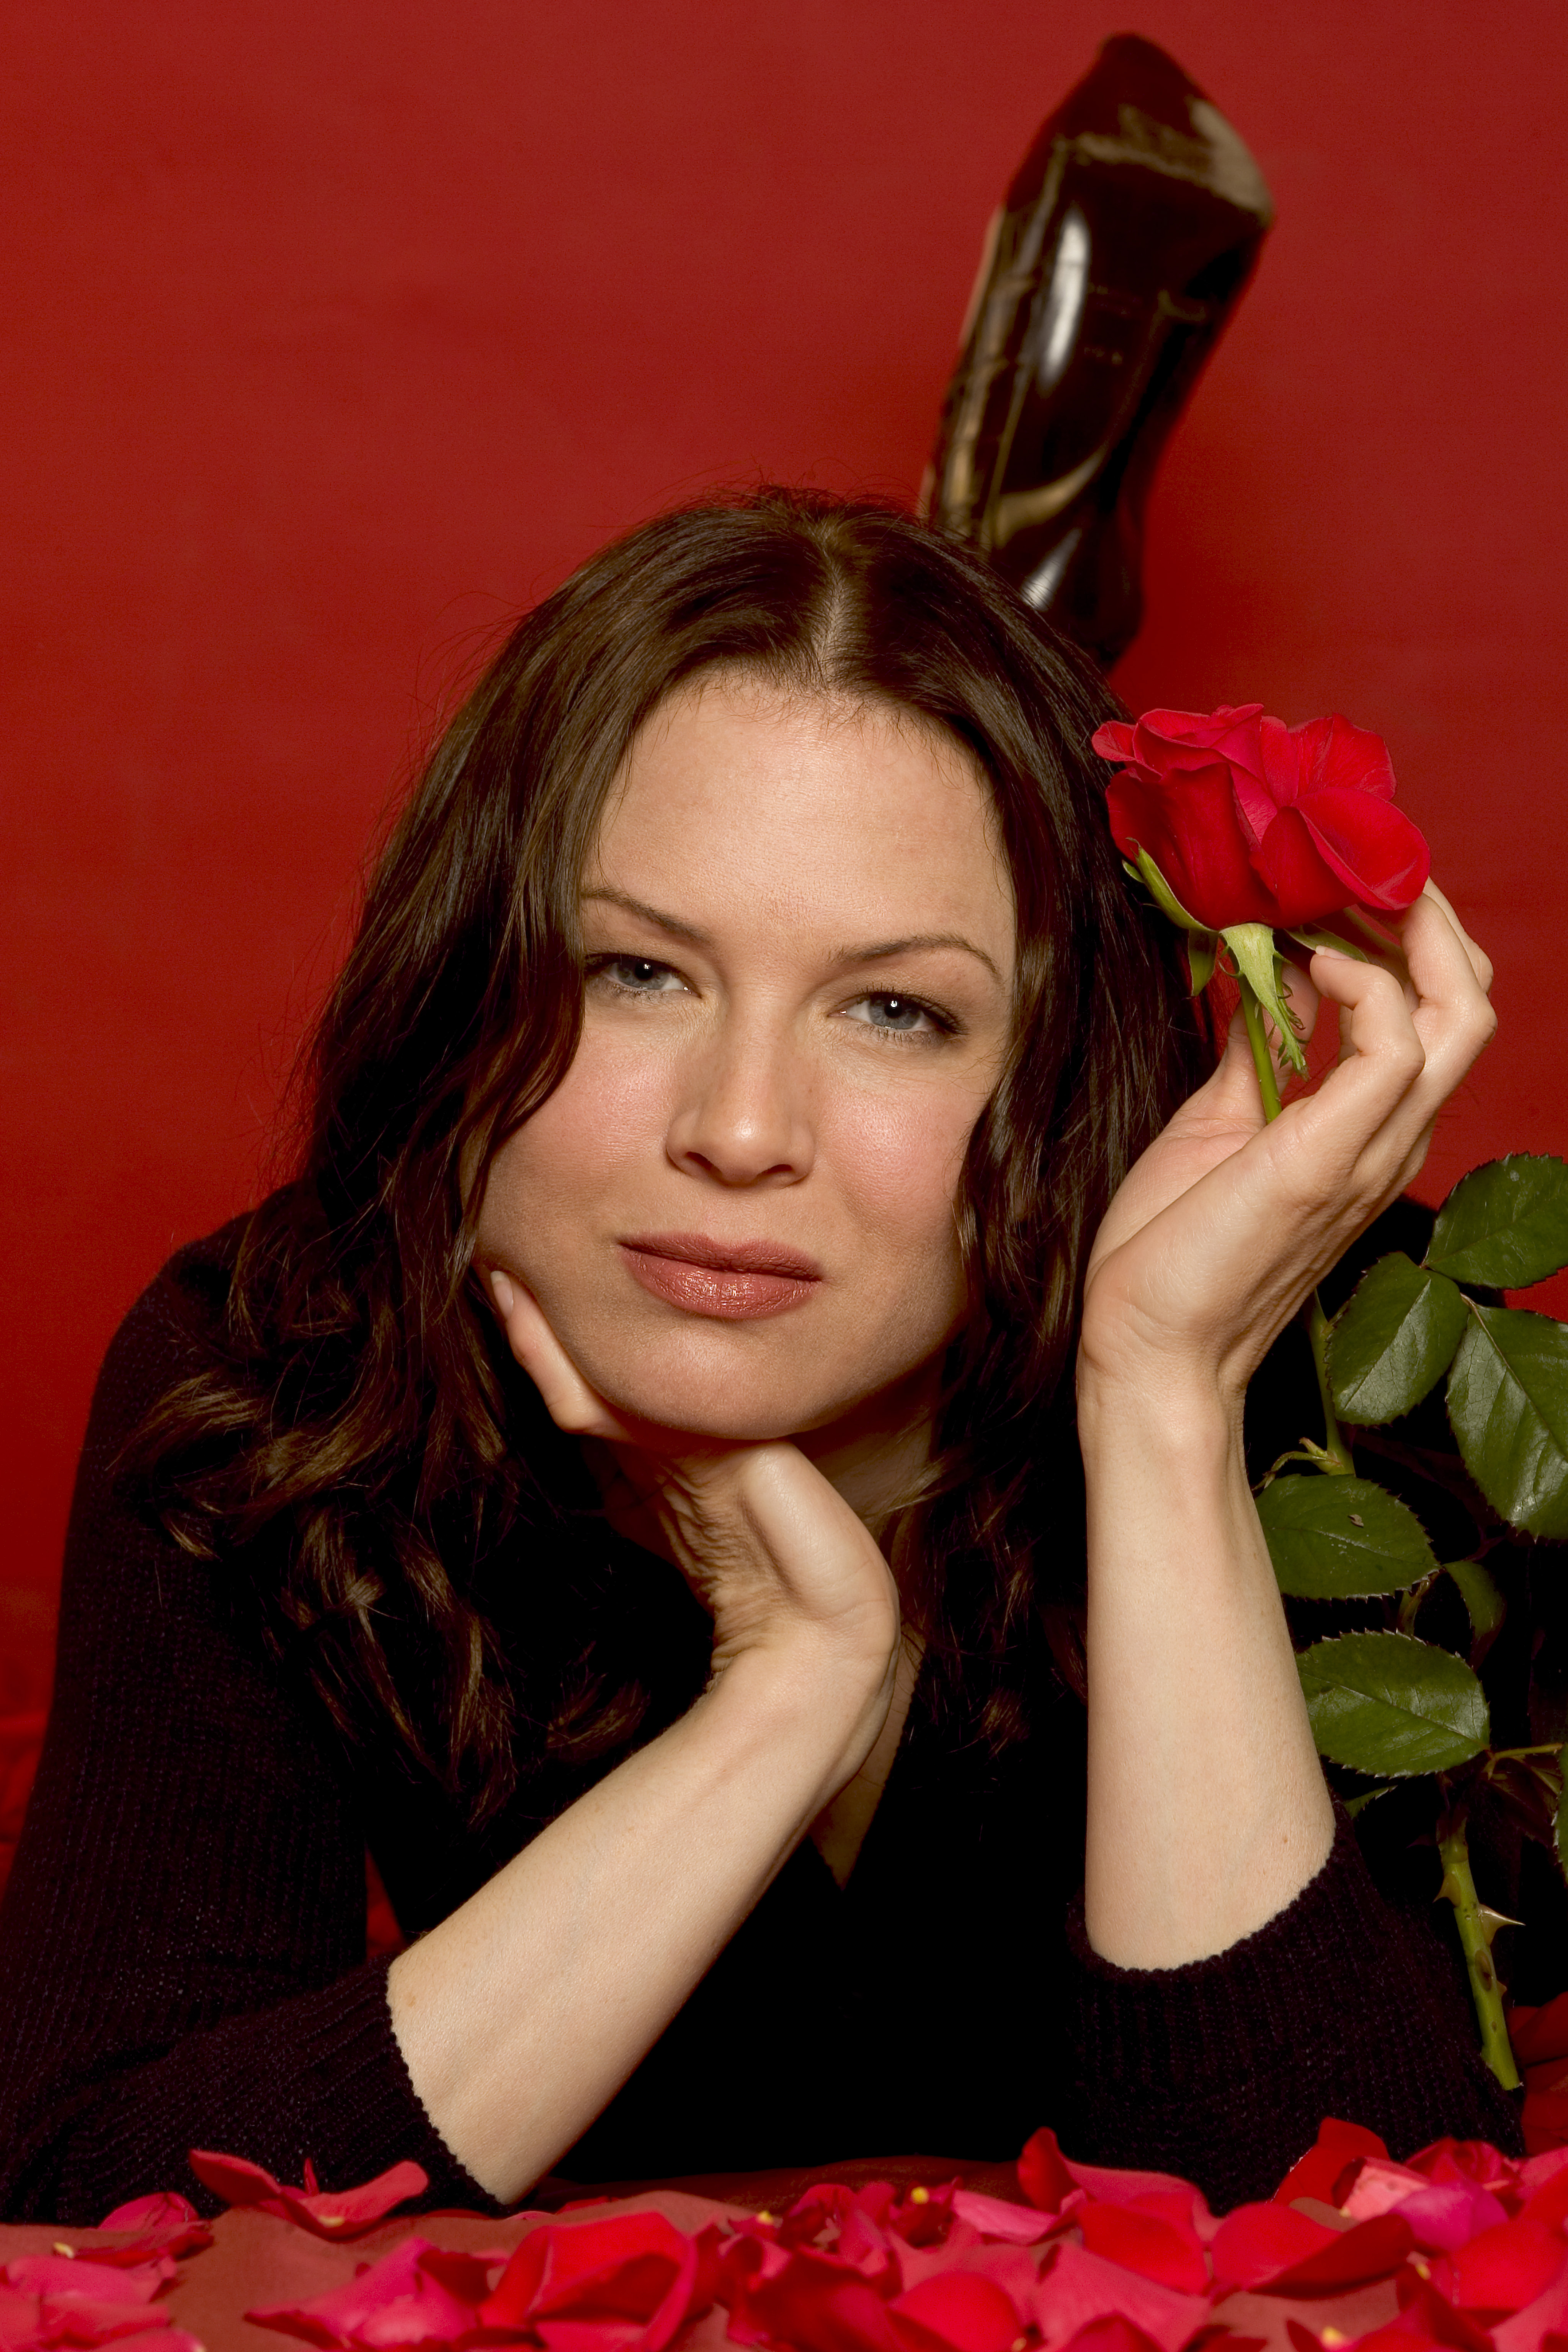 Renee Zellweger - USA Today (October 14, 2004) HQ